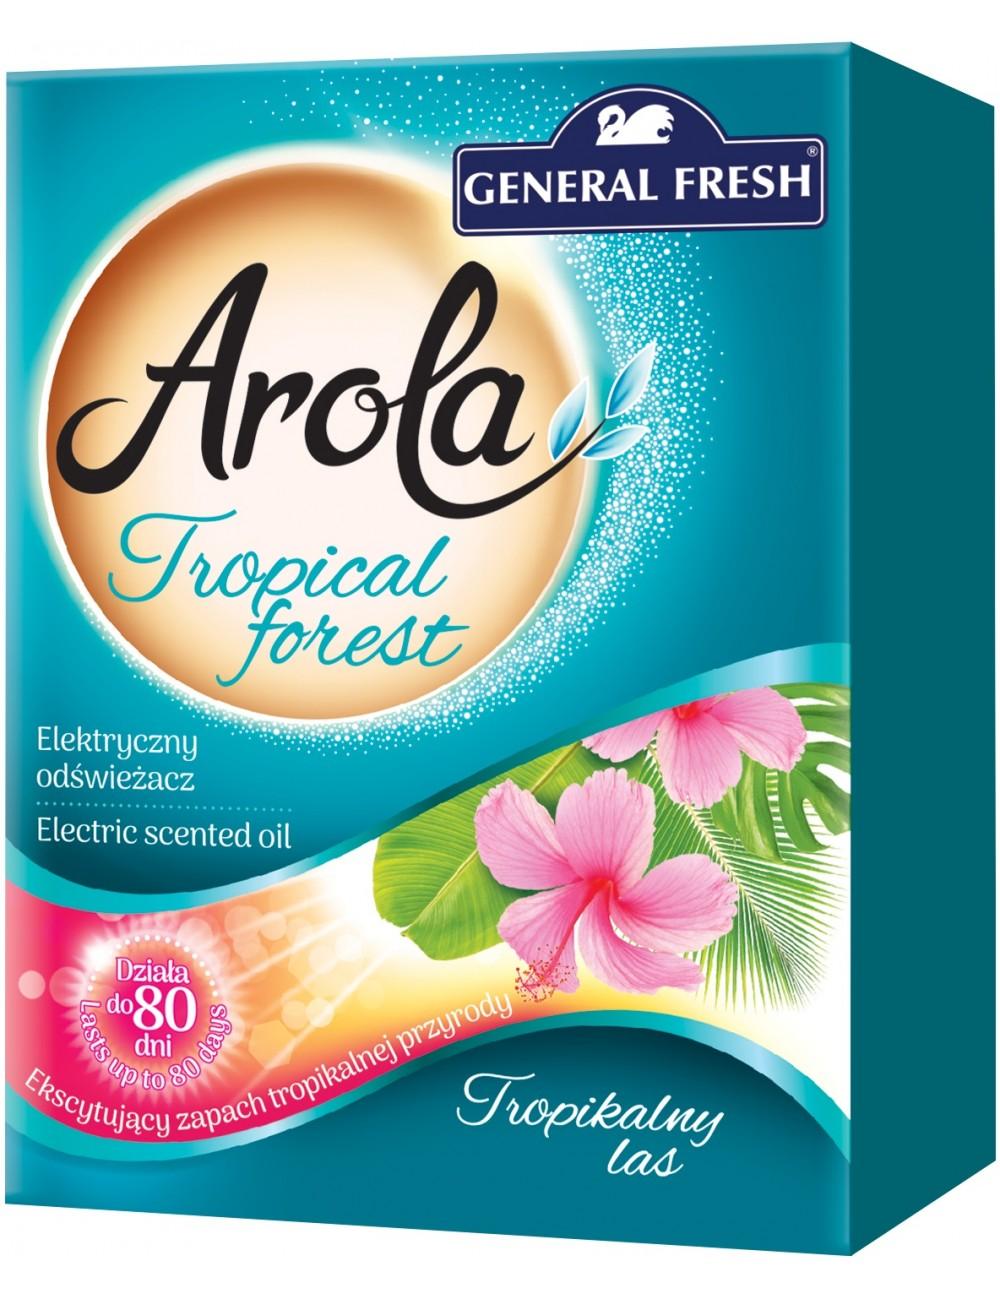 General Fresh Electric Tropical Forest Zapas (80 dni) 25 ml – wkład do elektrycznego odświeżacza powietrza